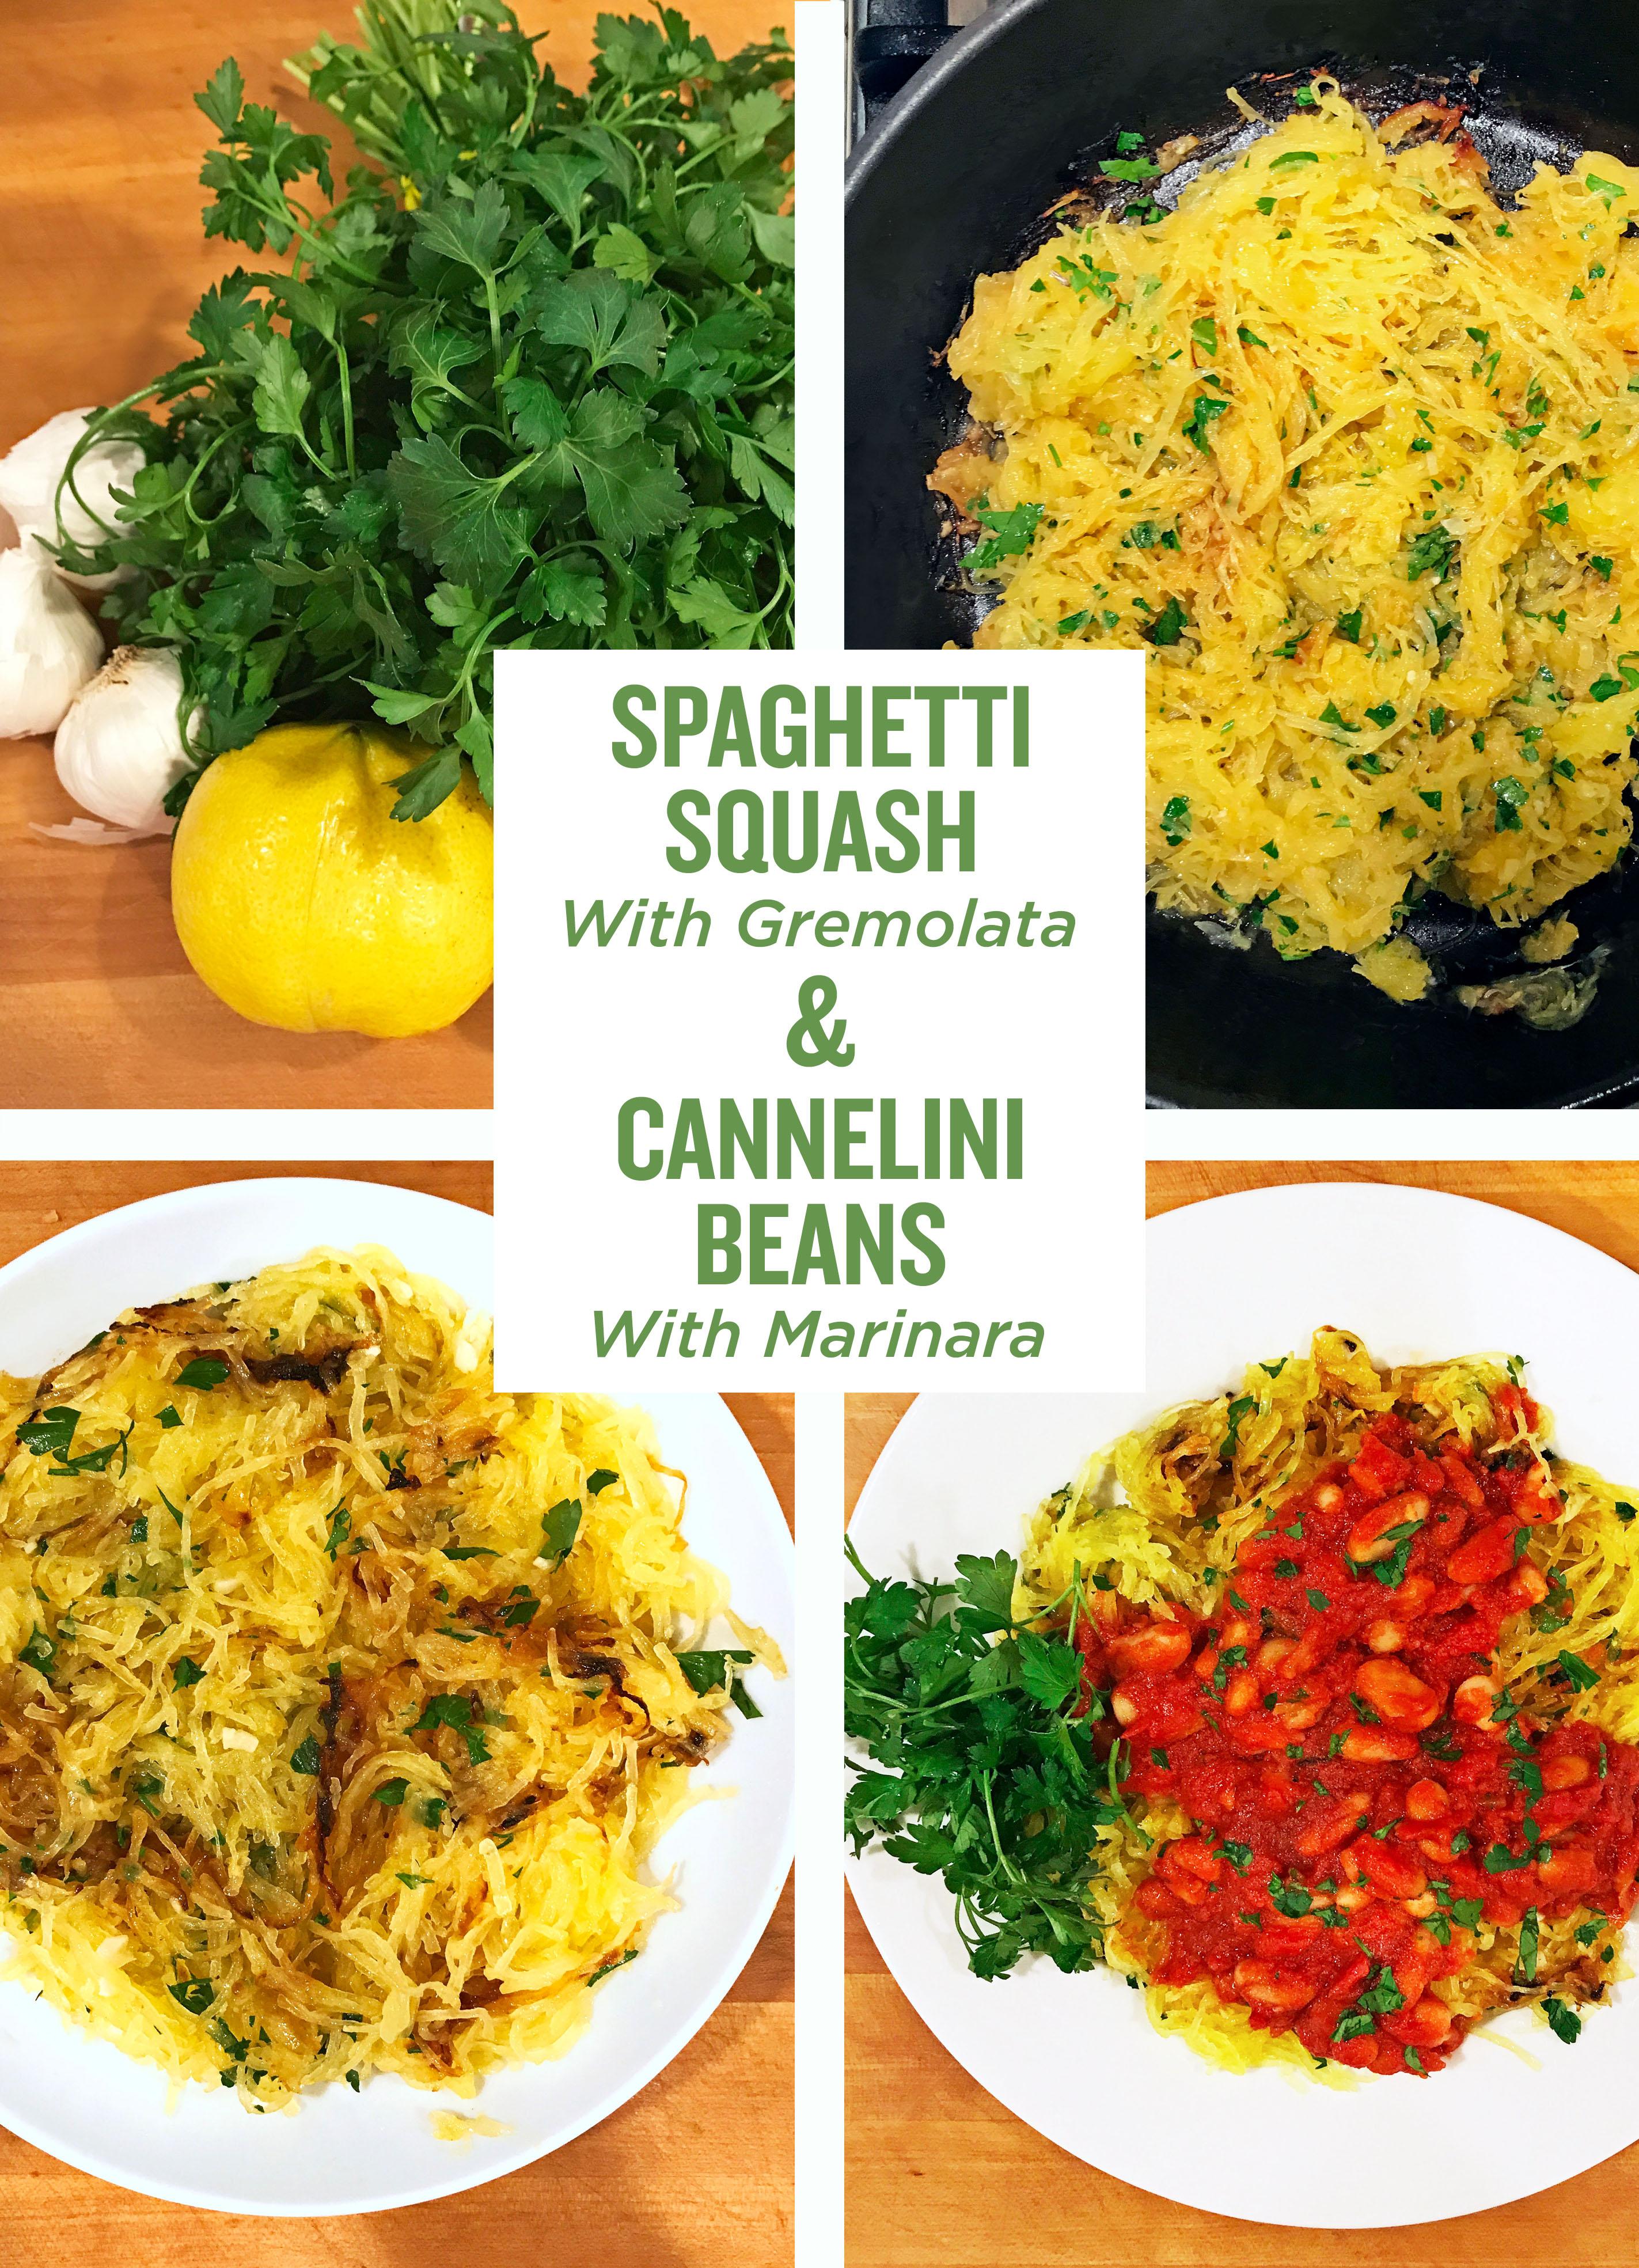 Spaghetti squash with gremolata & cannelini beans with marinara.